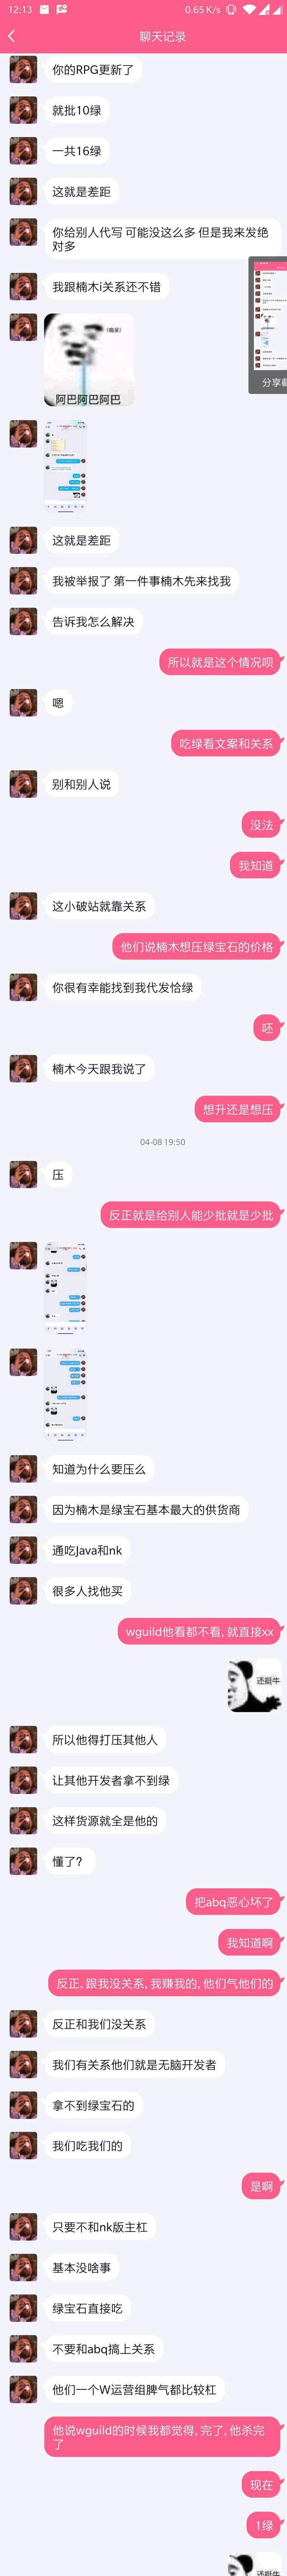 file_1587476104000.jpg